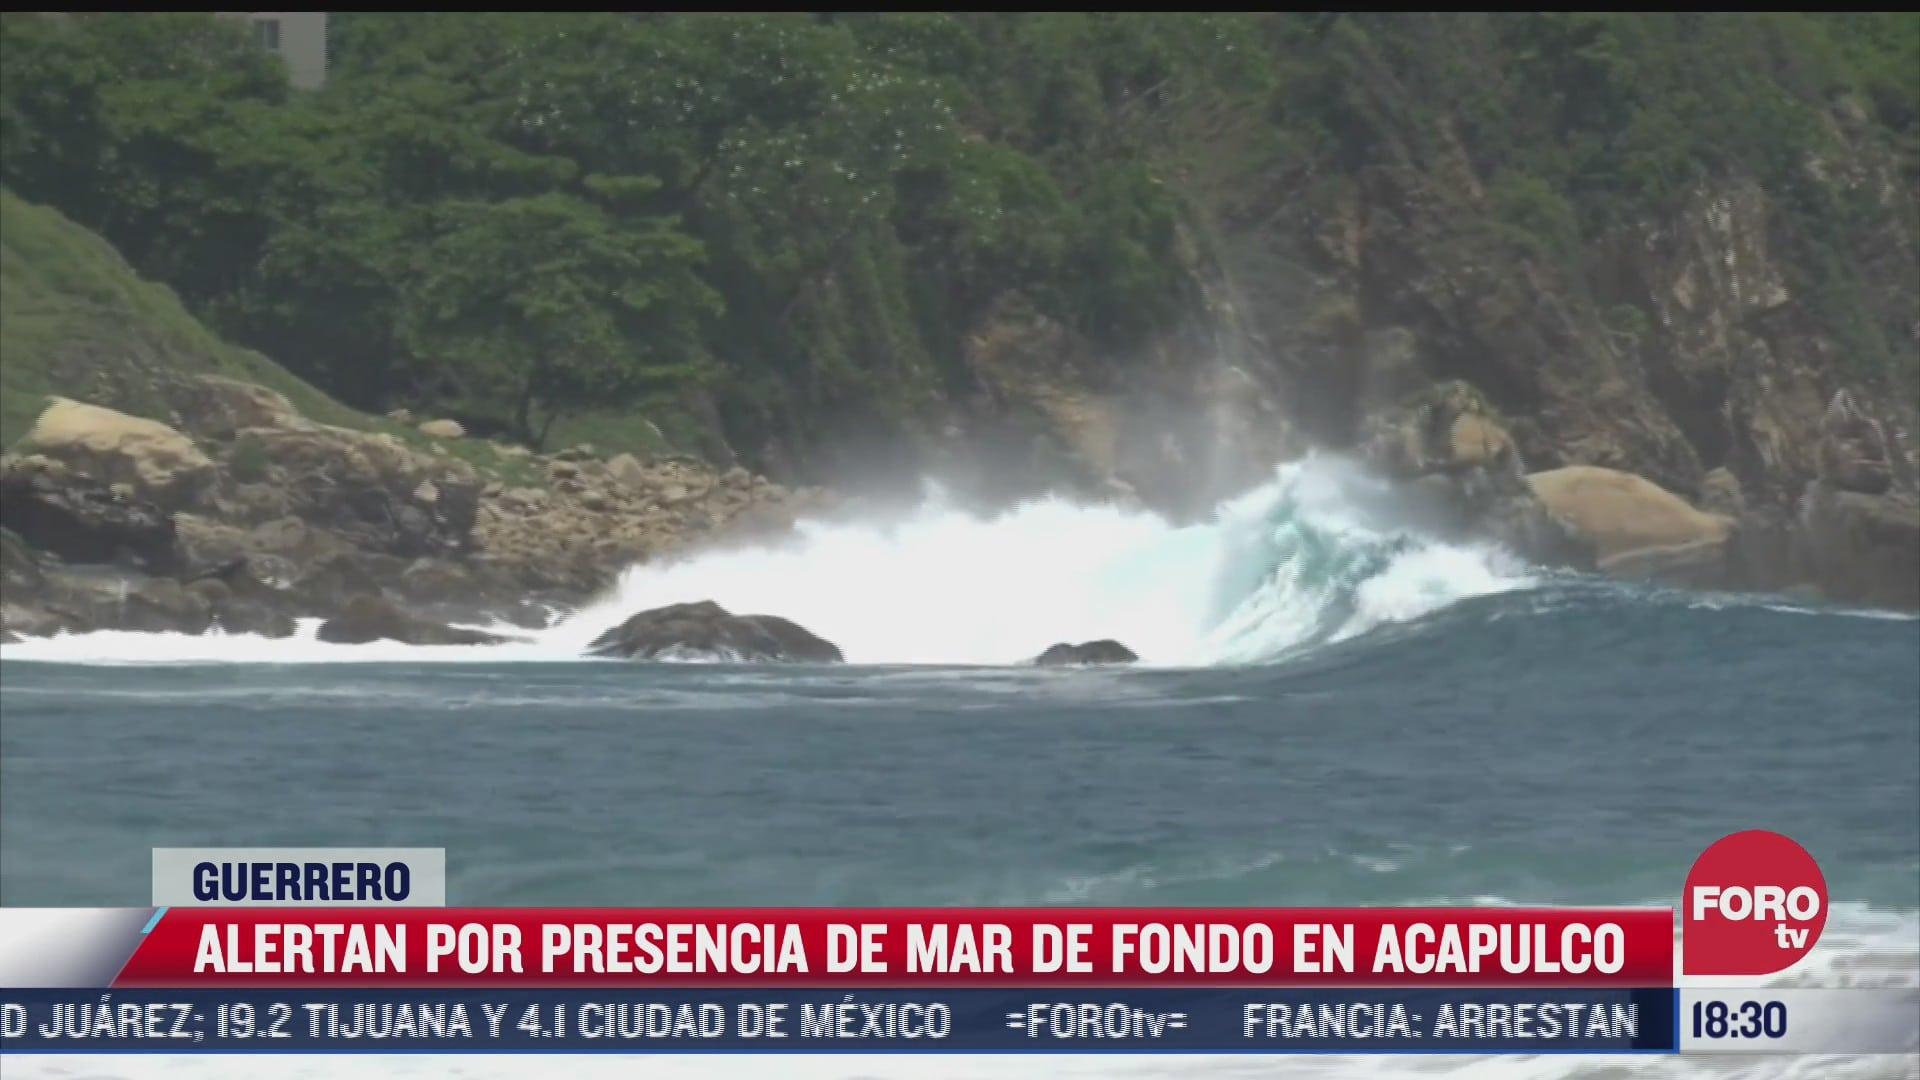 emiten alerta en acapulco por presencia de mar de fondo